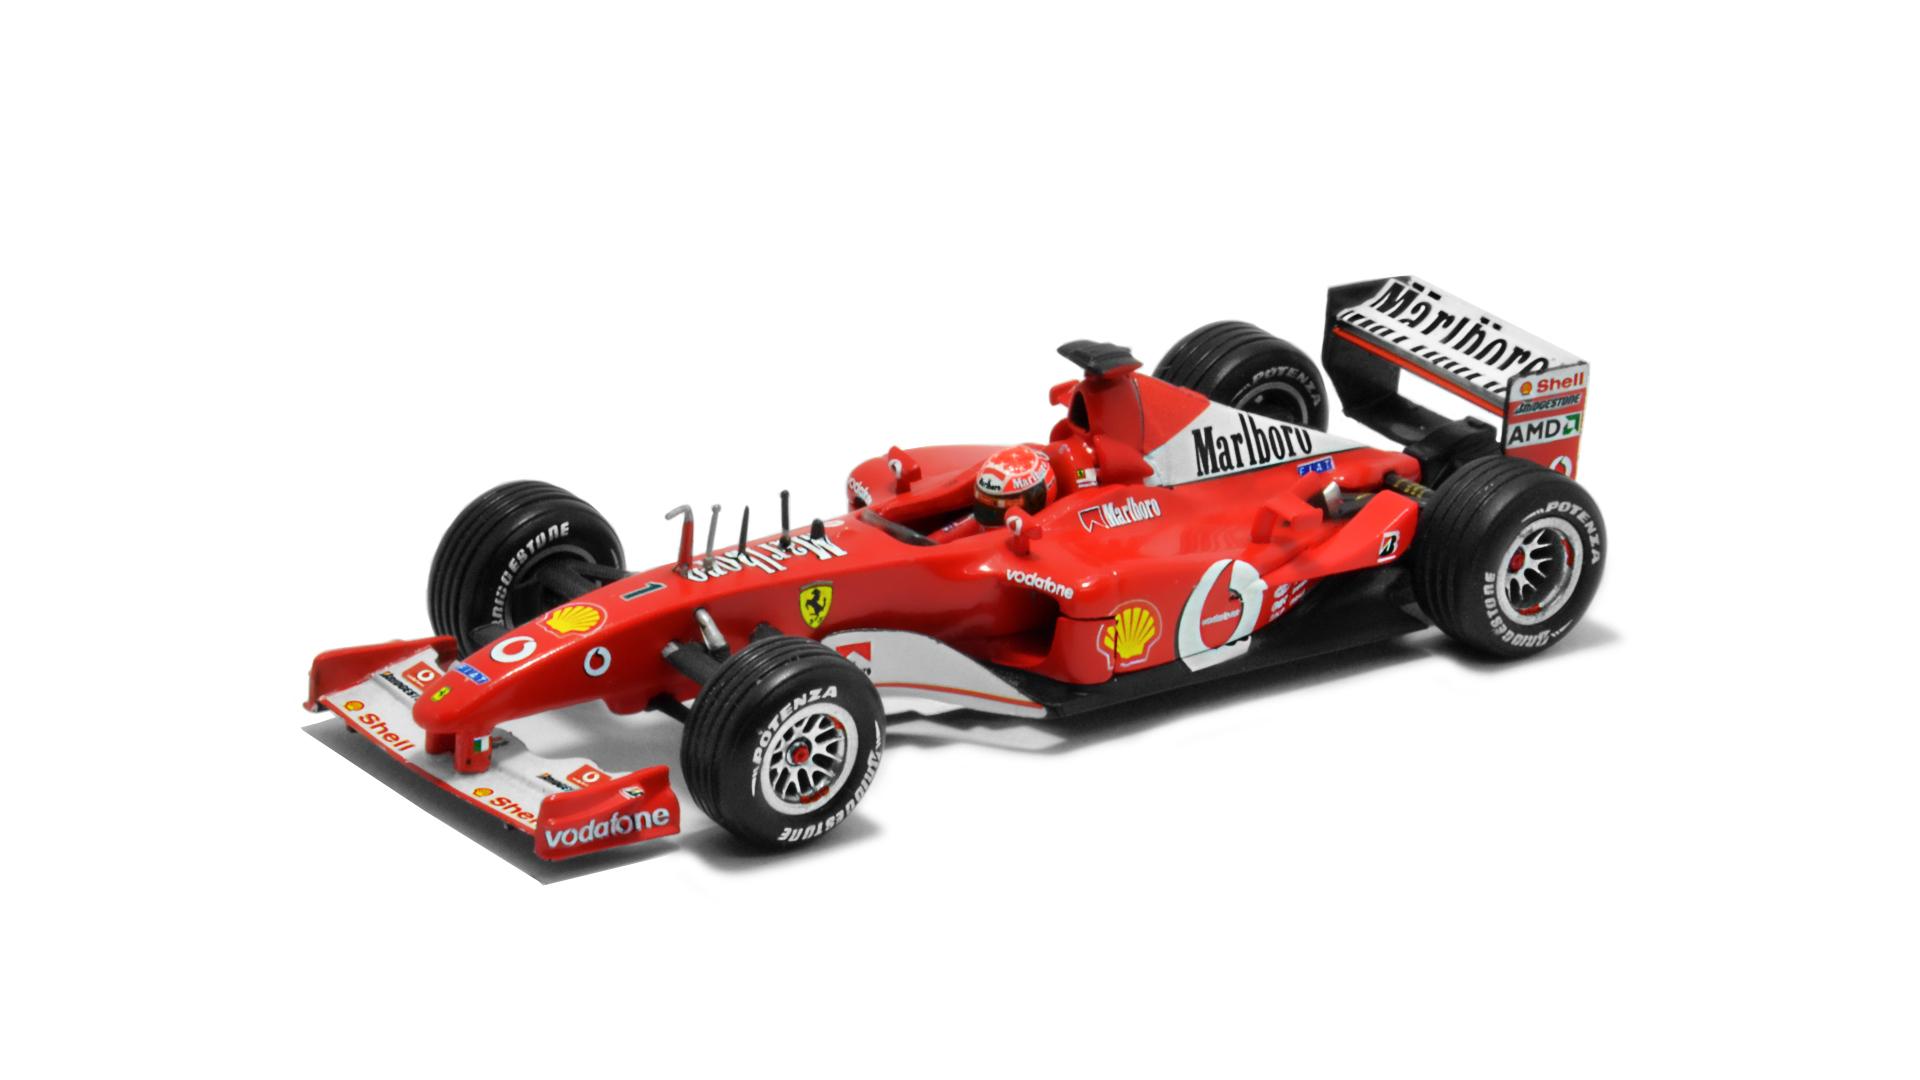 Év: 2002<br />Modell: F2002<br />Gyártó: Hot Wheels<br />Pilóta: Michael Schumacher